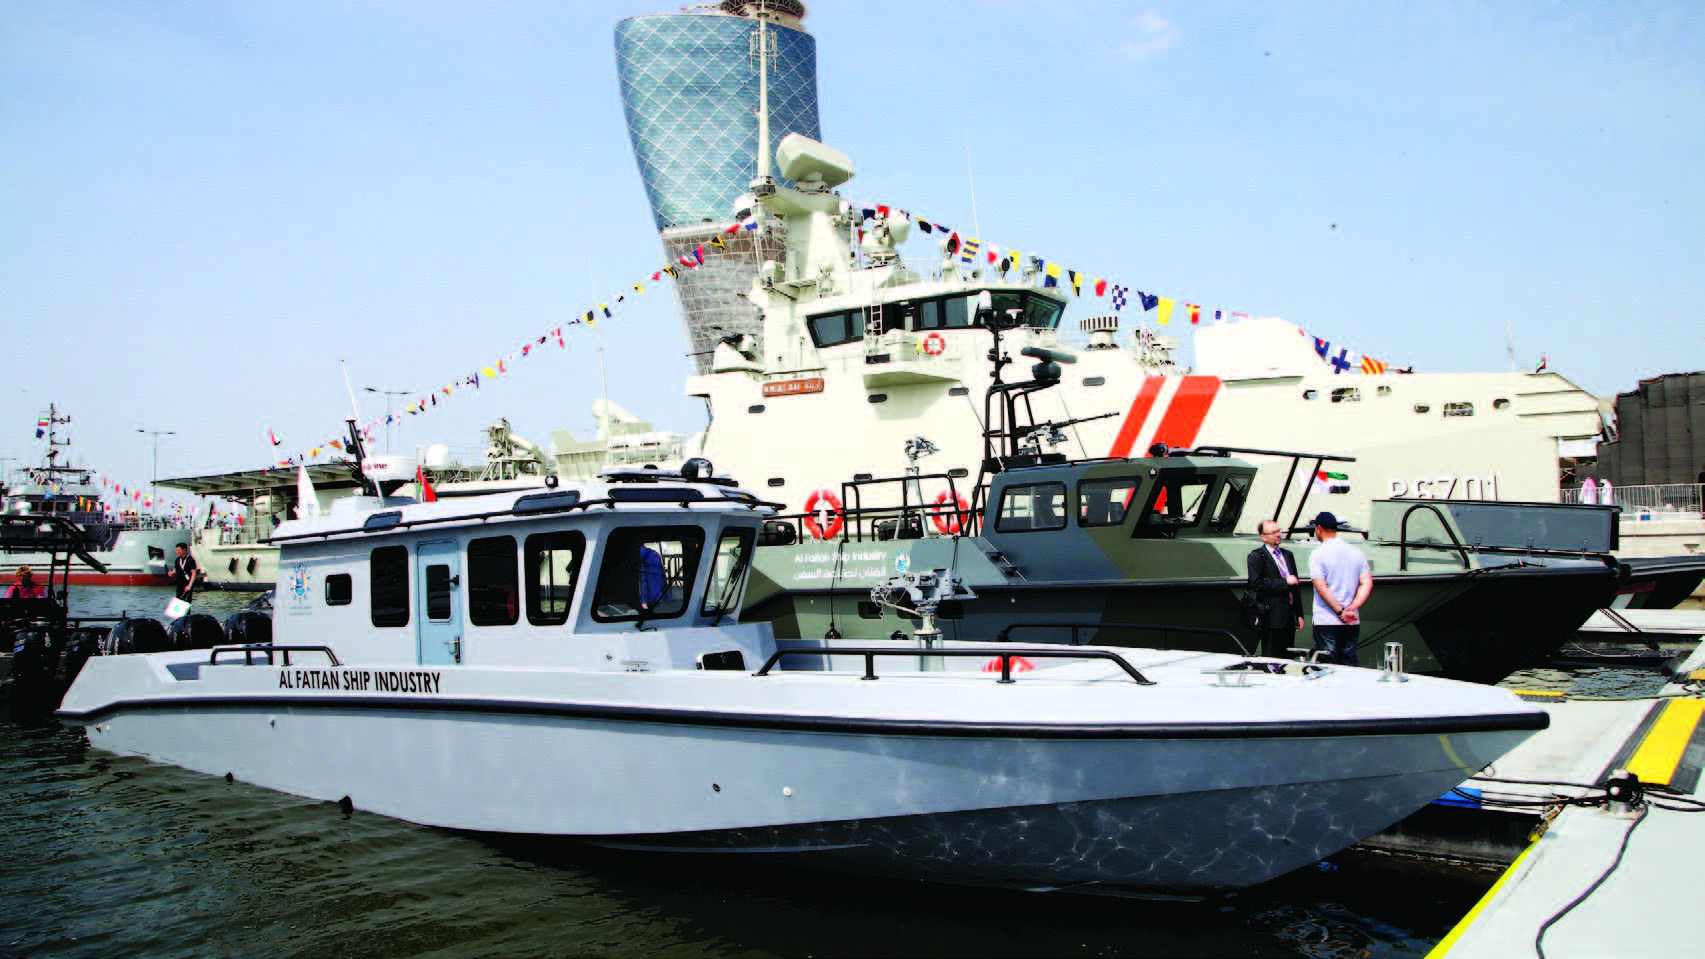 قدمت خدماتها لأساطيل خليجية ودخلت إفريقيا وشبه القارة الهندية : «أبوظبي لبناء السفن» تلبي الاحتياجات البحرية C3660